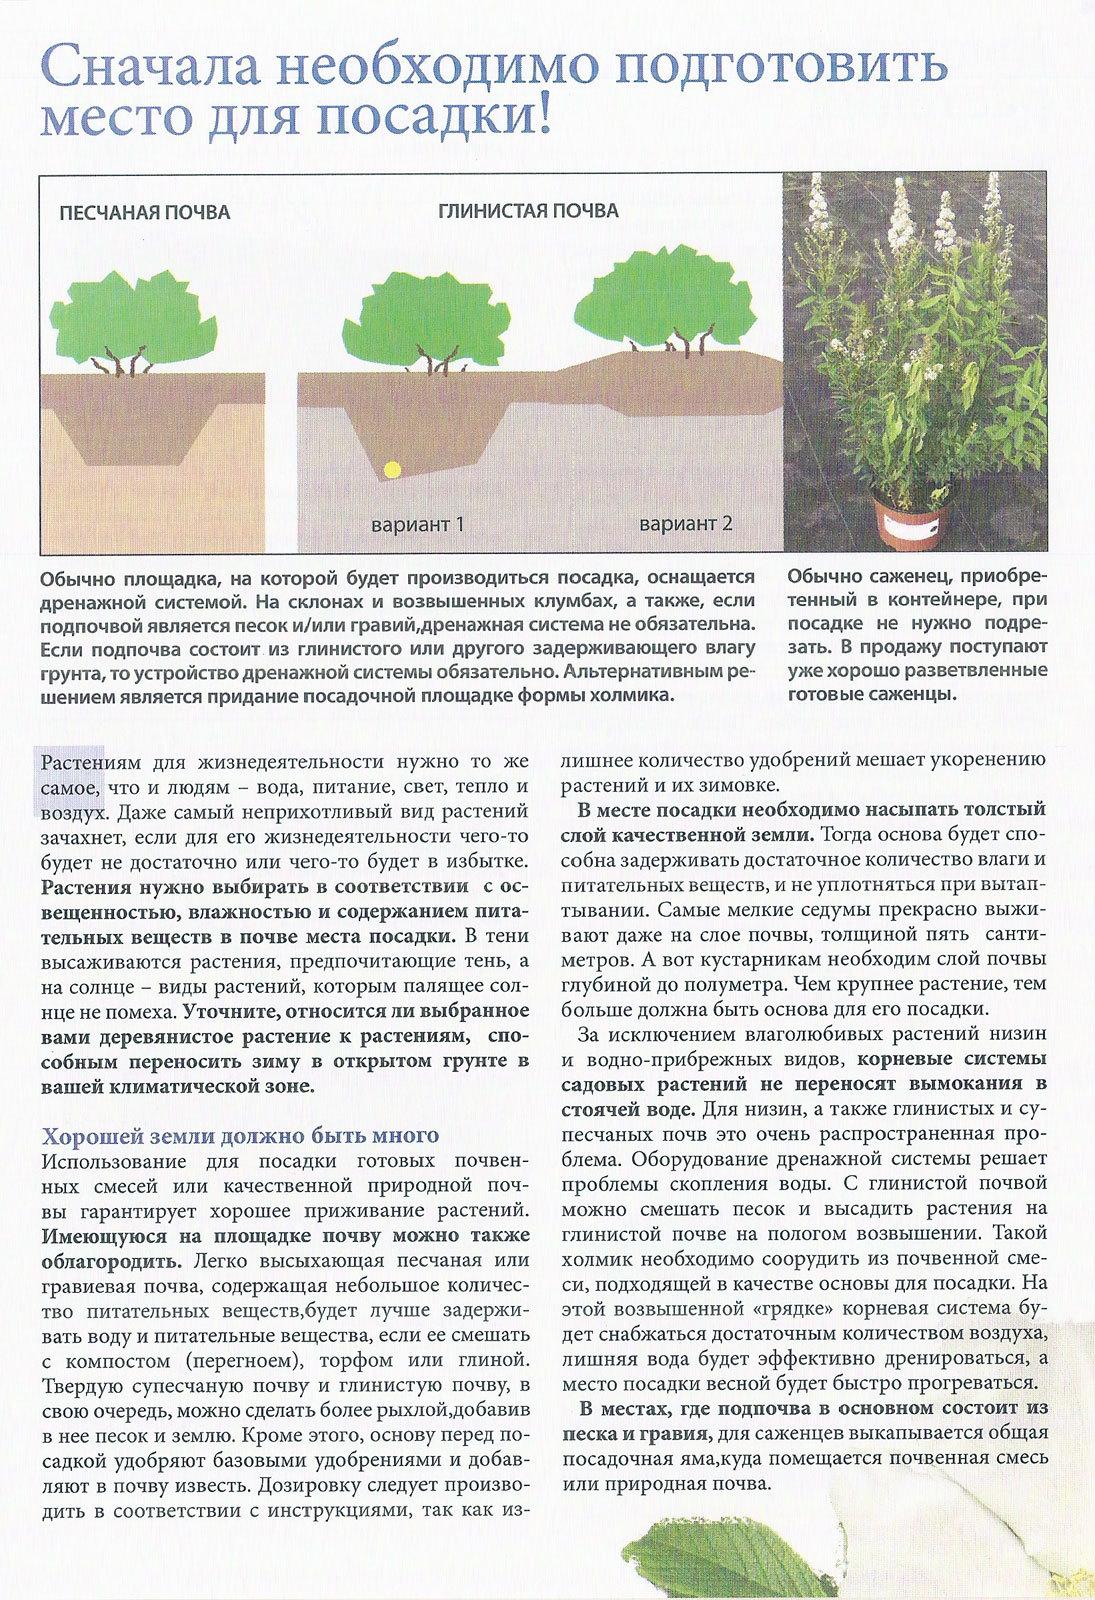 Особенности выращивания на песчаной почве 29